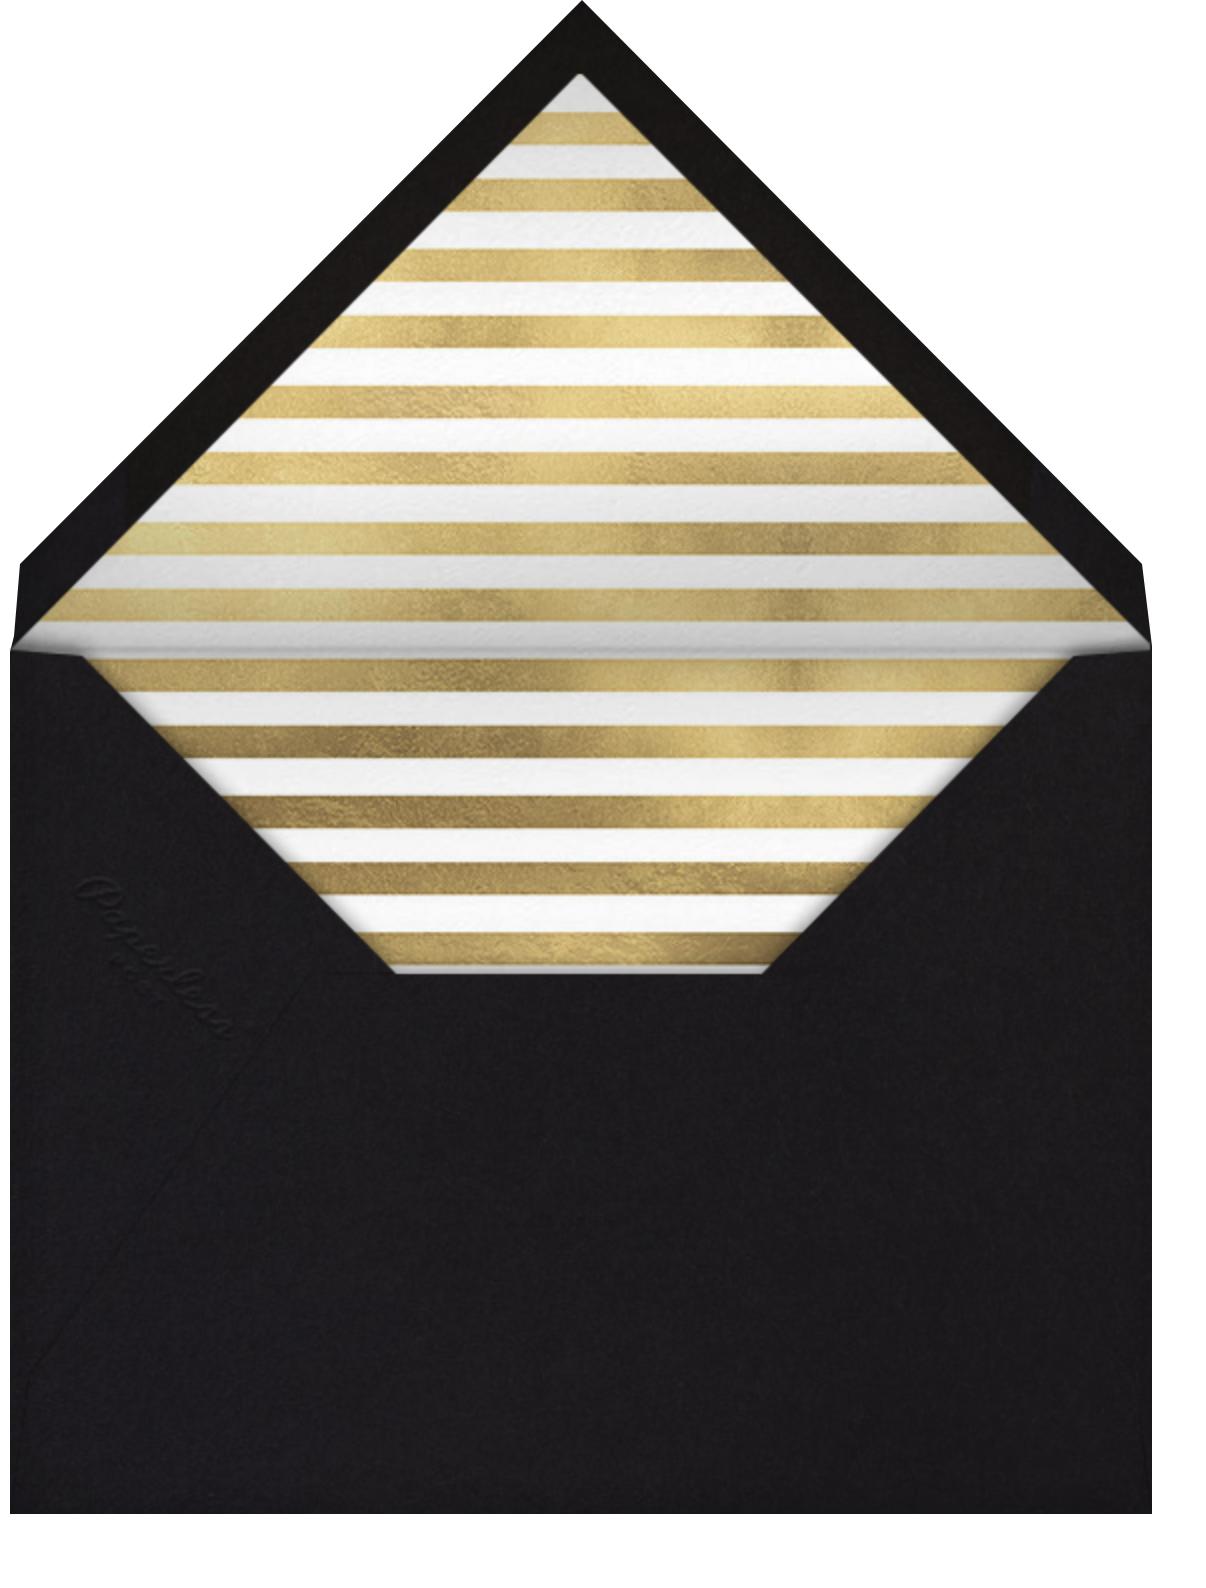 Lanterns - Gold - Paperless Post - Envelope